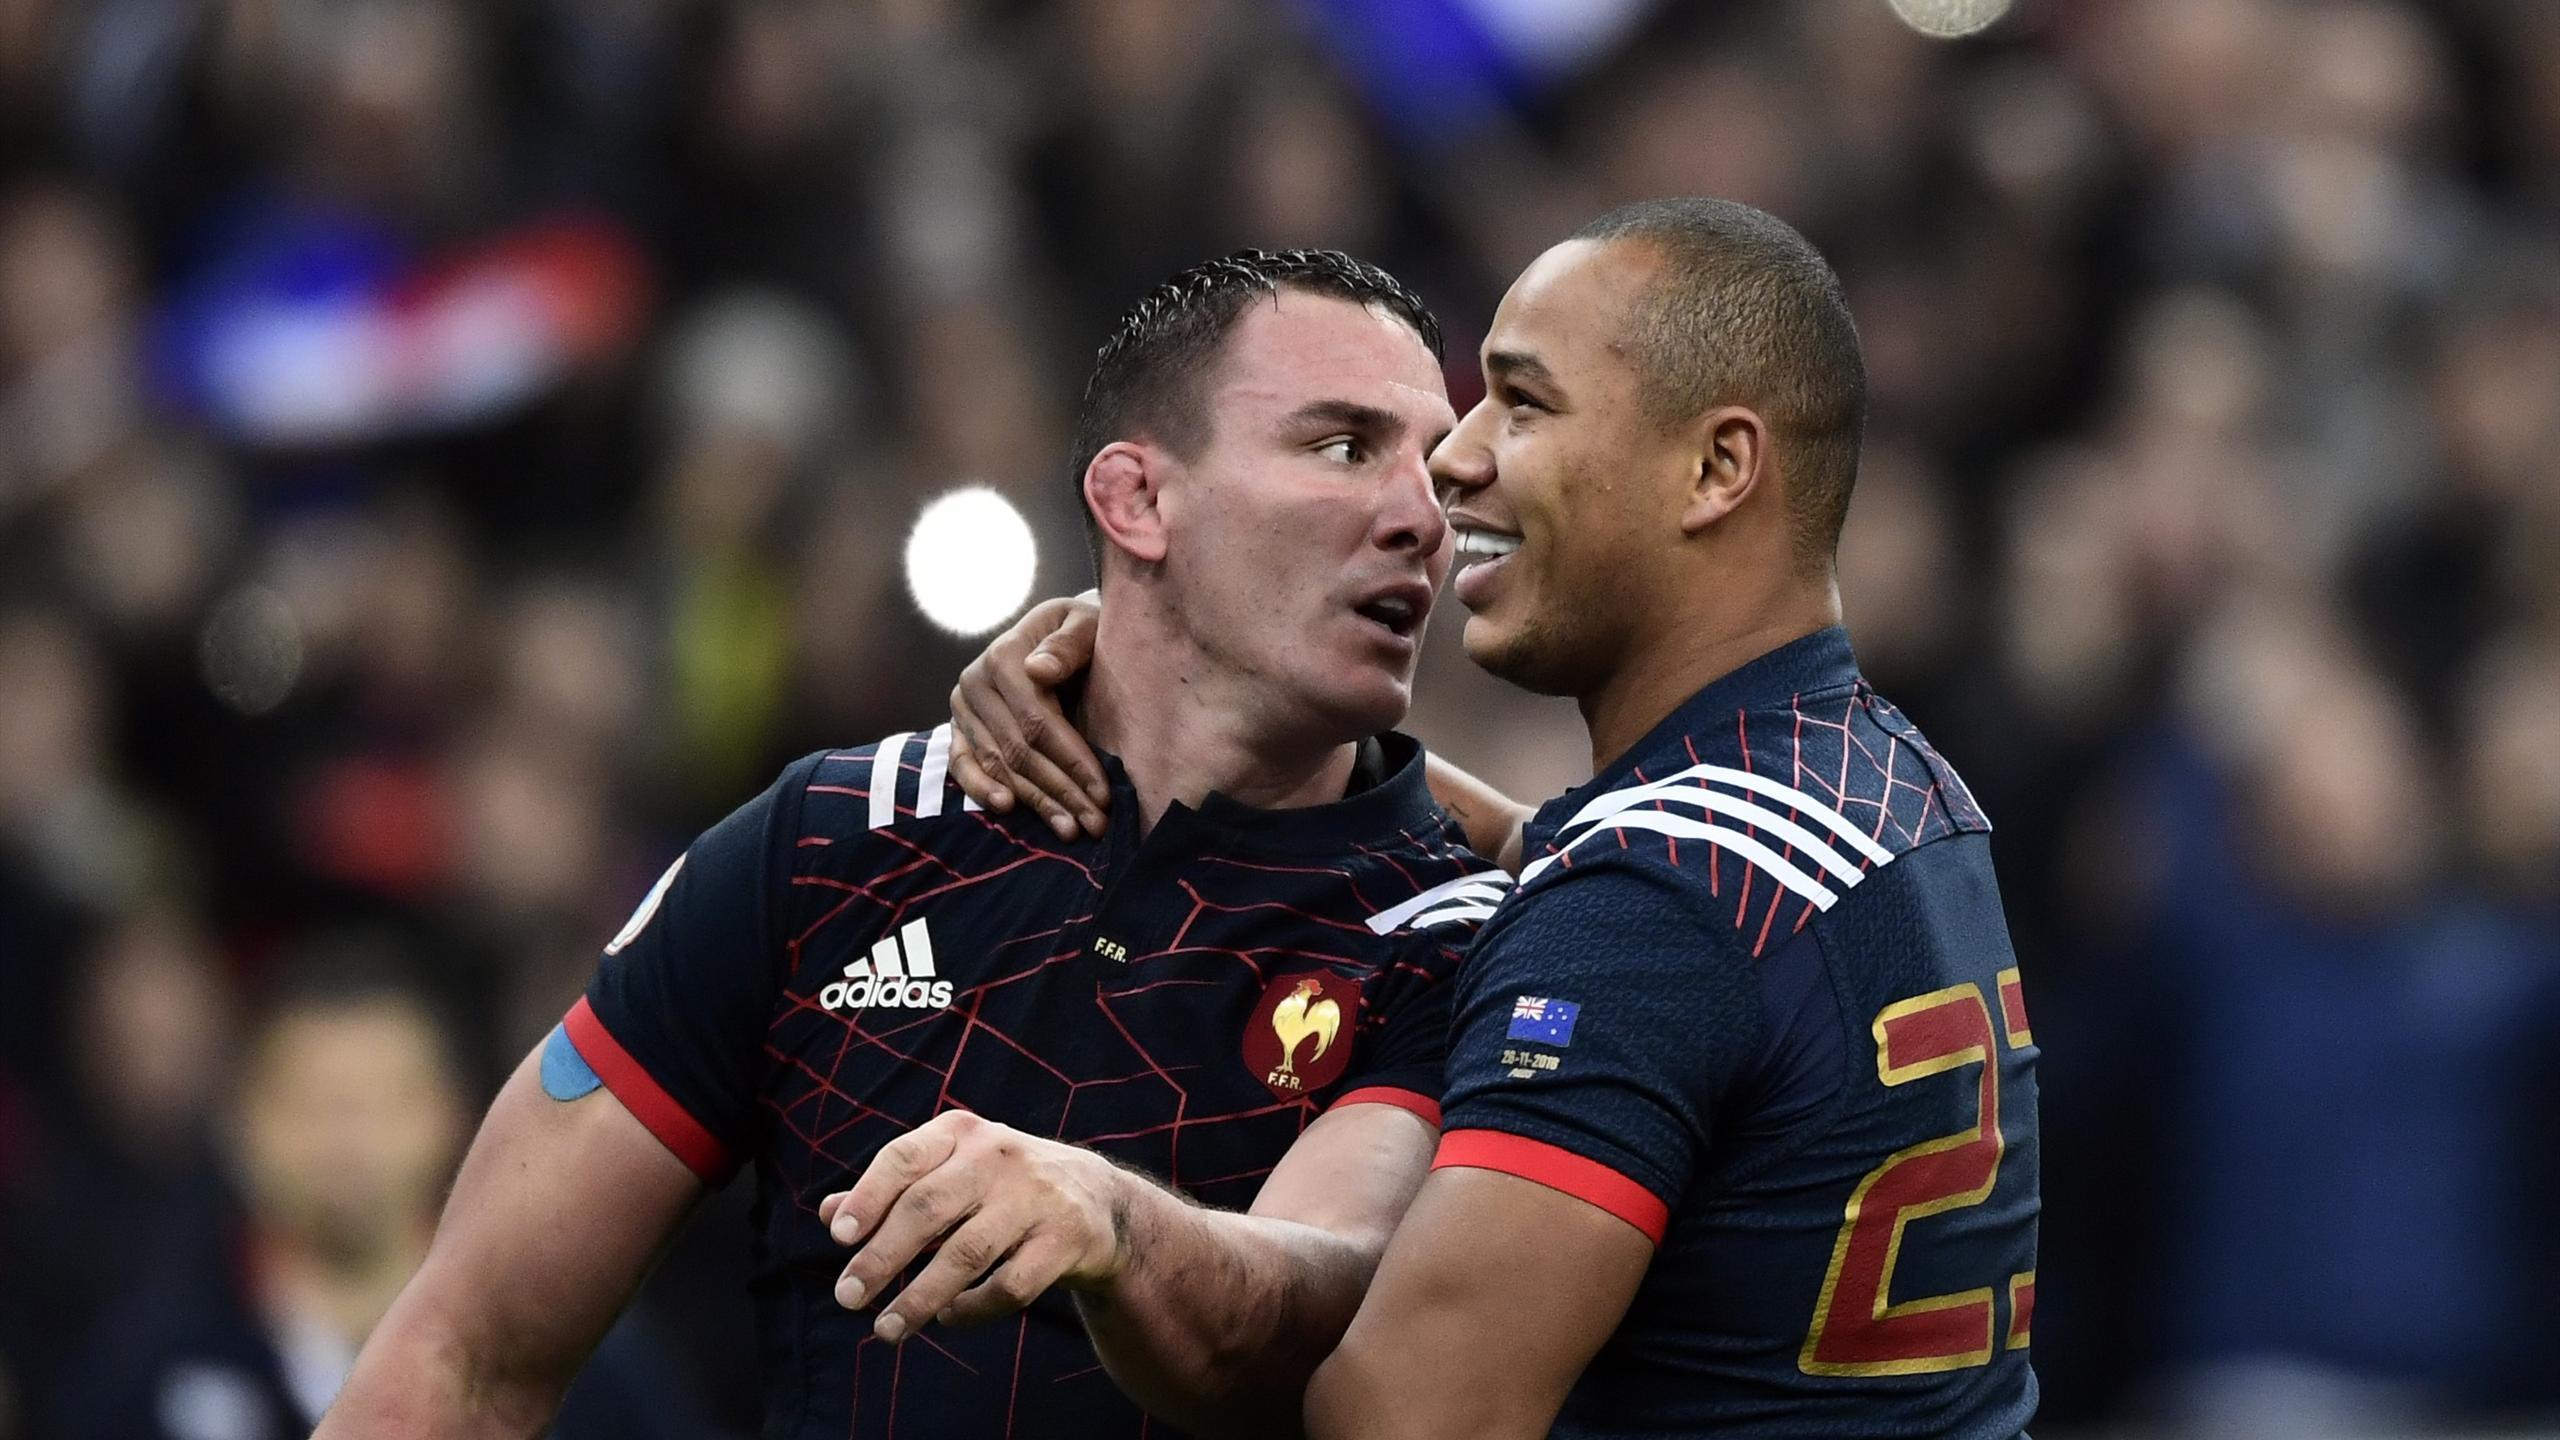 Louis Picamoles et Gaël Fickou (XV de France) - 26 novembre 2016